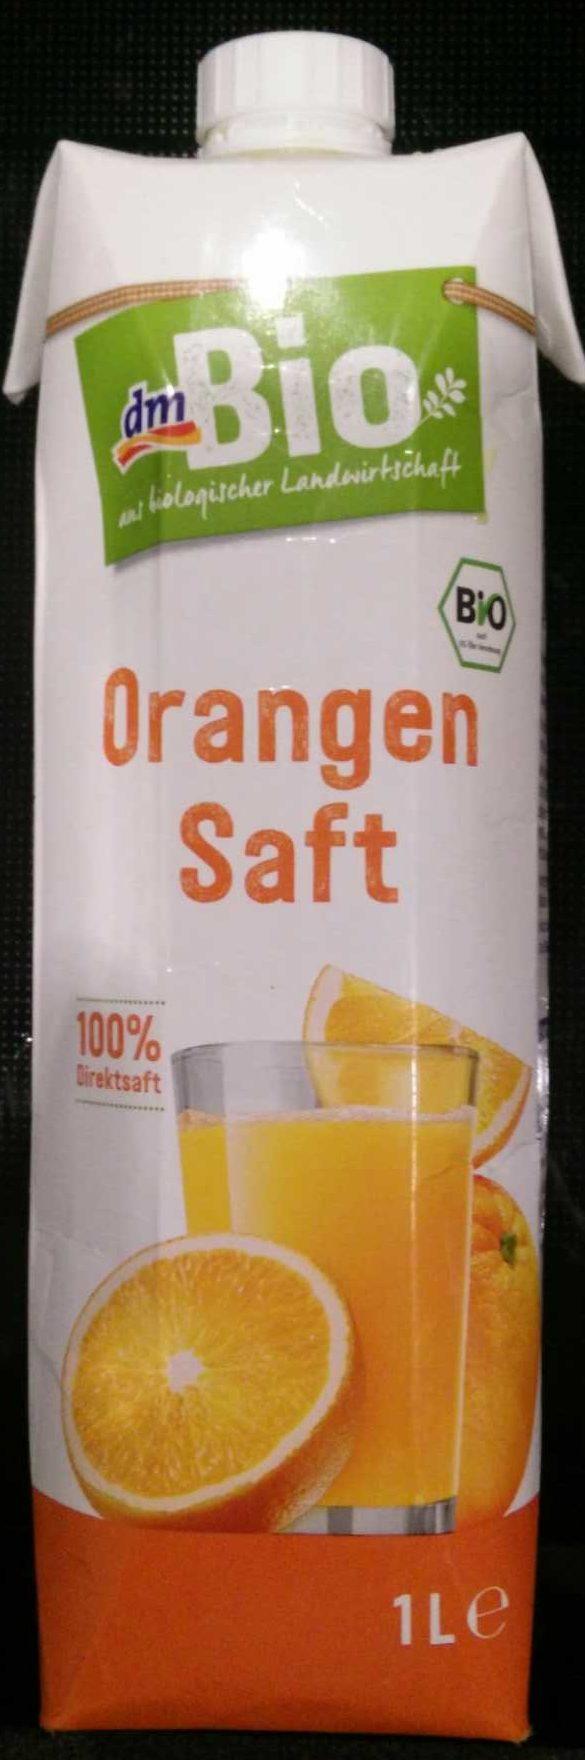 Orangen Saft - Product - de